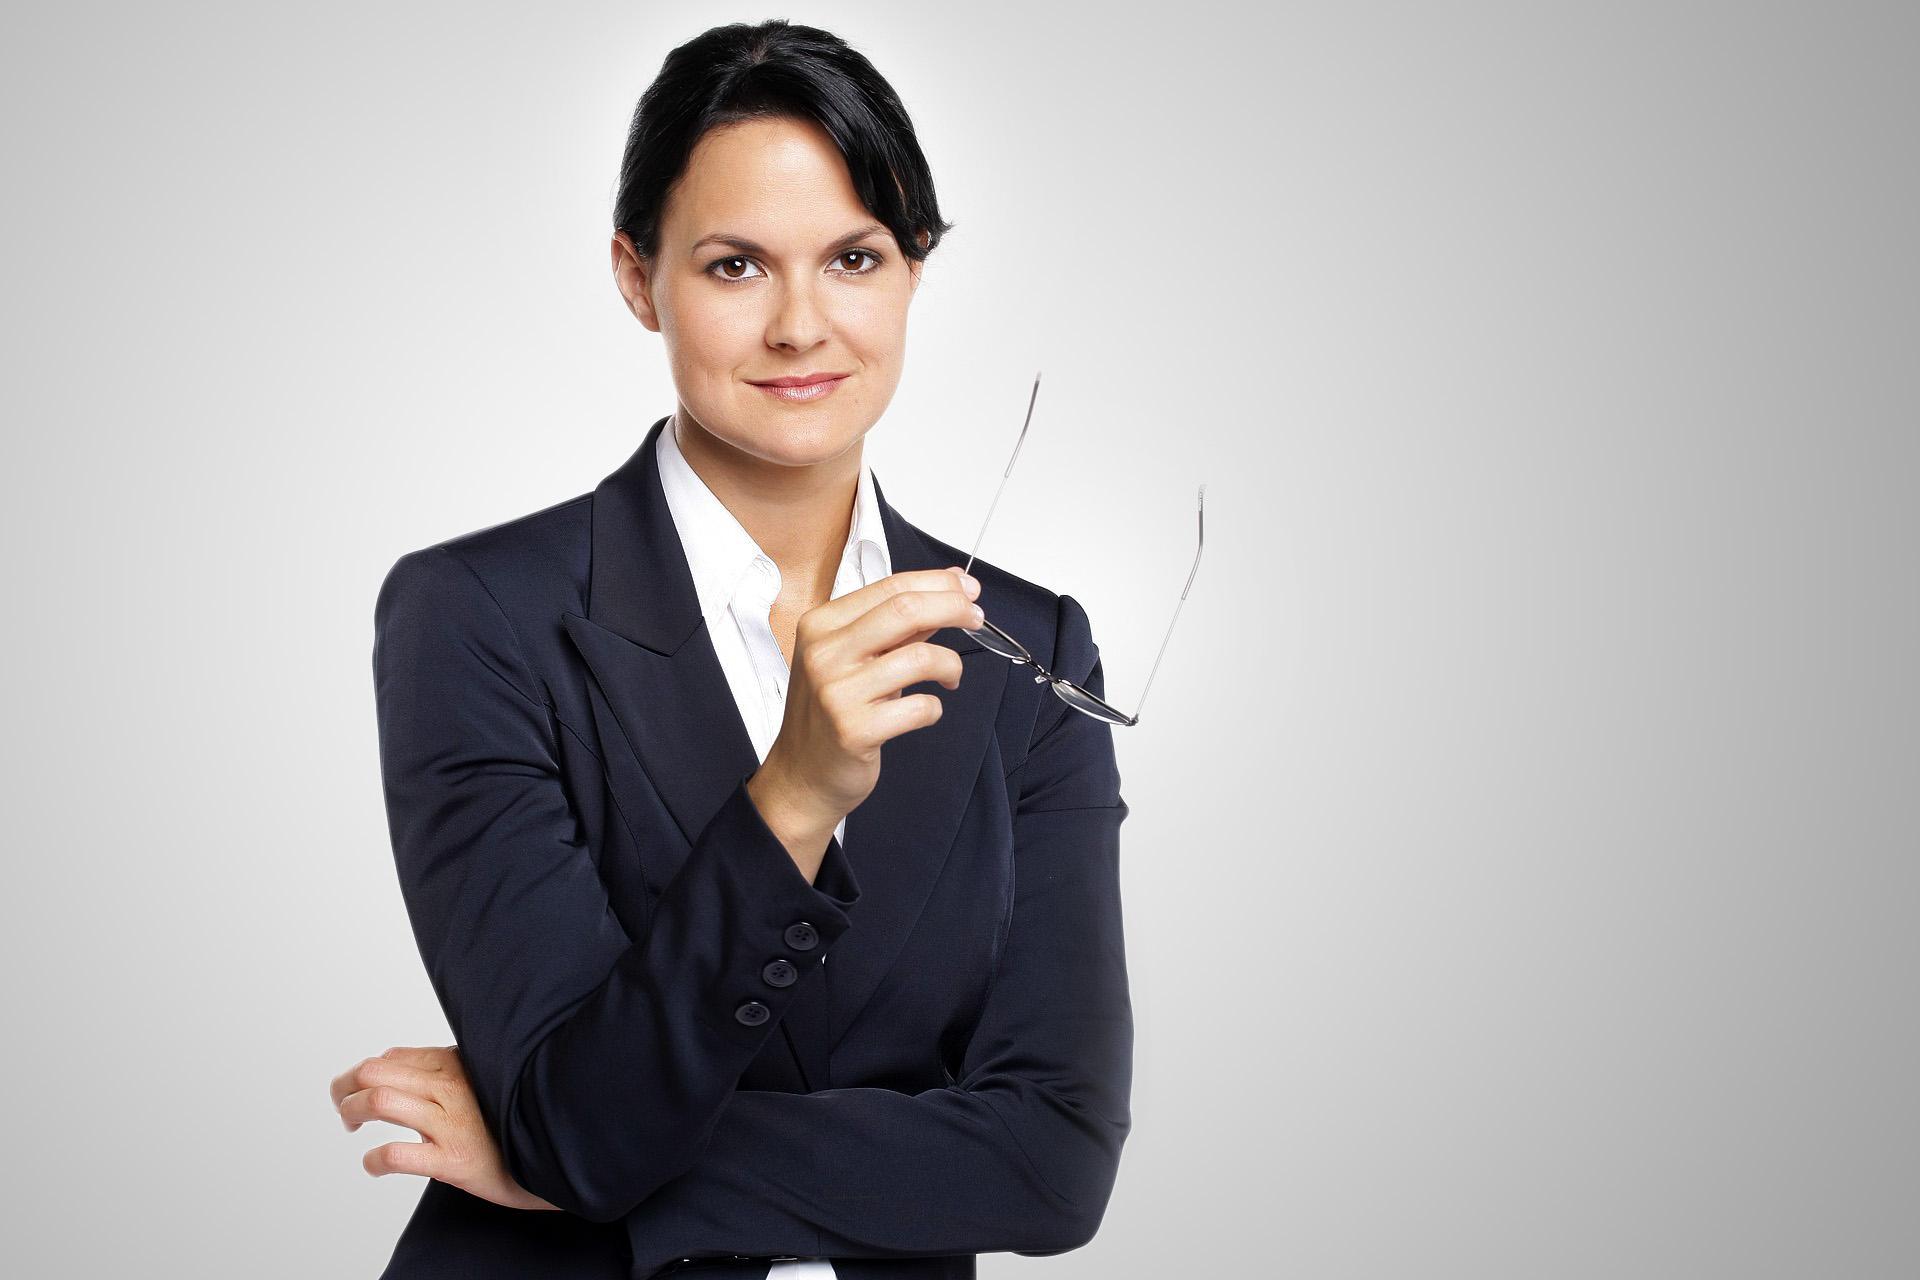 Business Frau heller Hintergrund